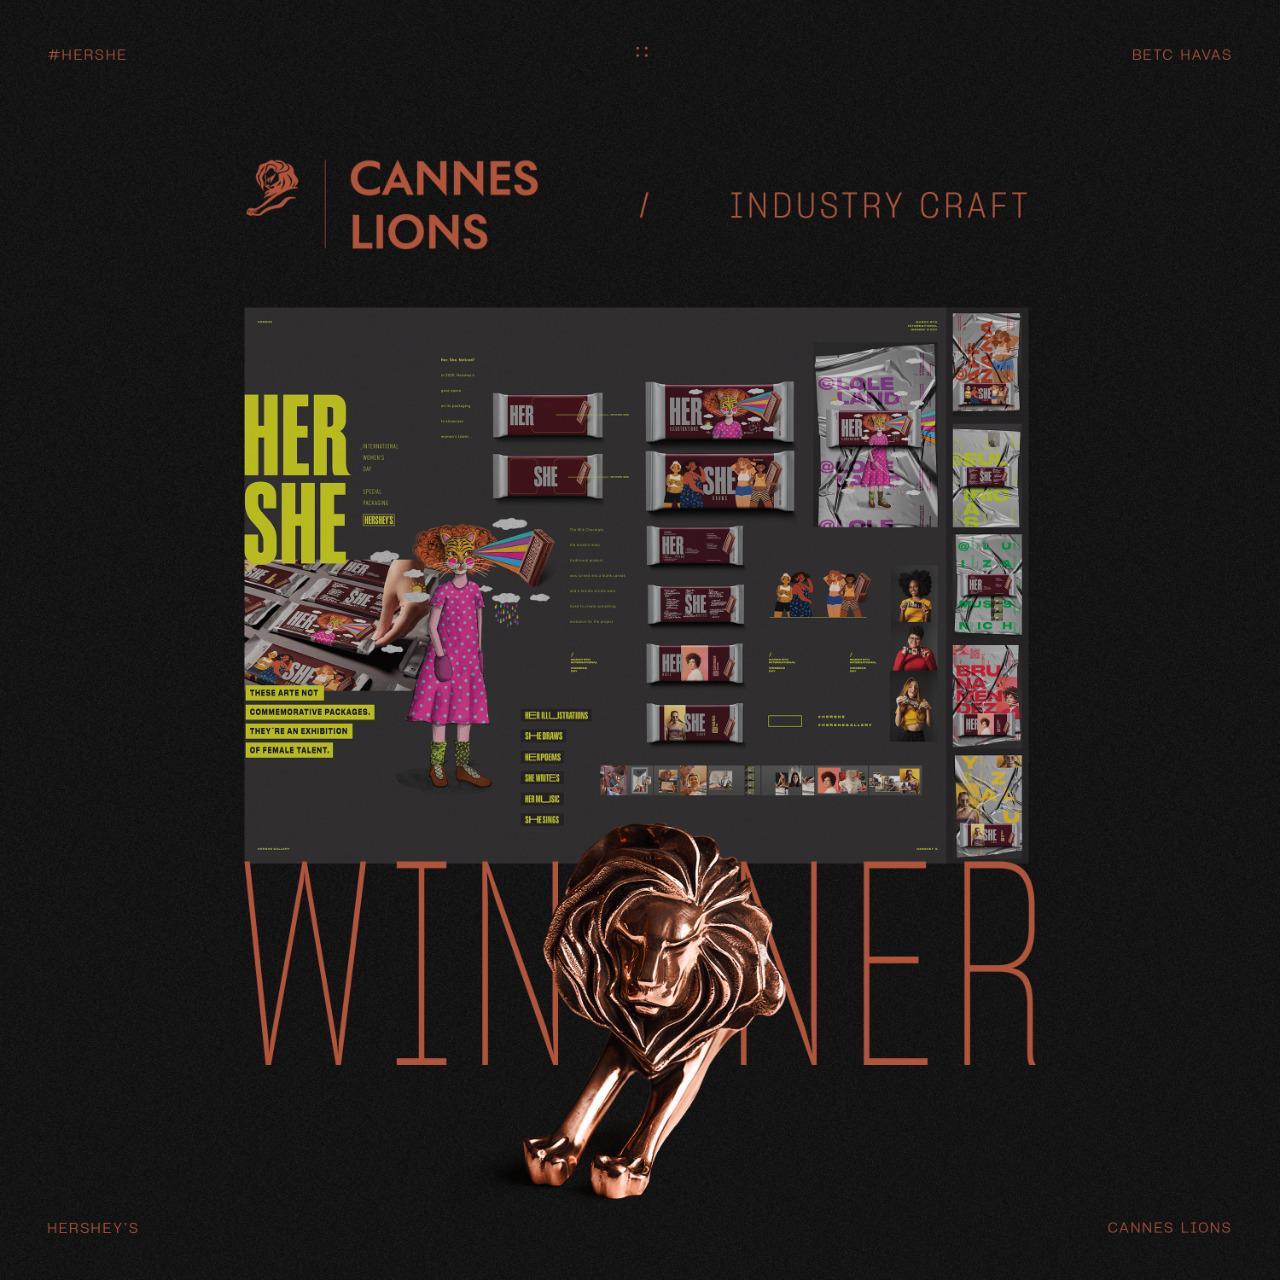 Hersheys recebe duas premiações do Cannes Lions, uma delas de suas embalagens em realidade aumentada produzidas pela Camargo Embalagens para o Dia das Mulheres